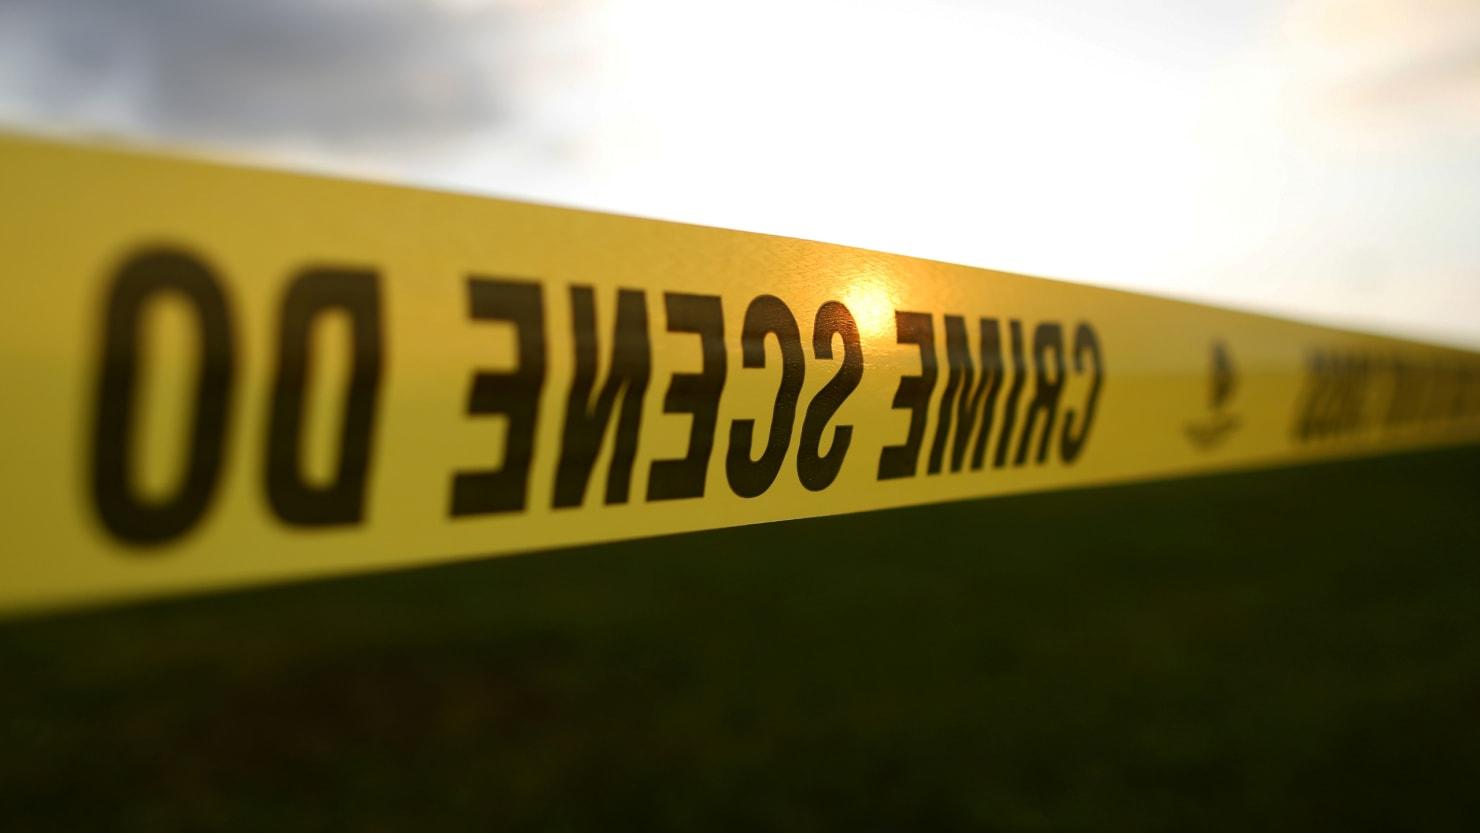 Suspect Arrested in 1990 Infant Homicide Thanks to Genealogy Website